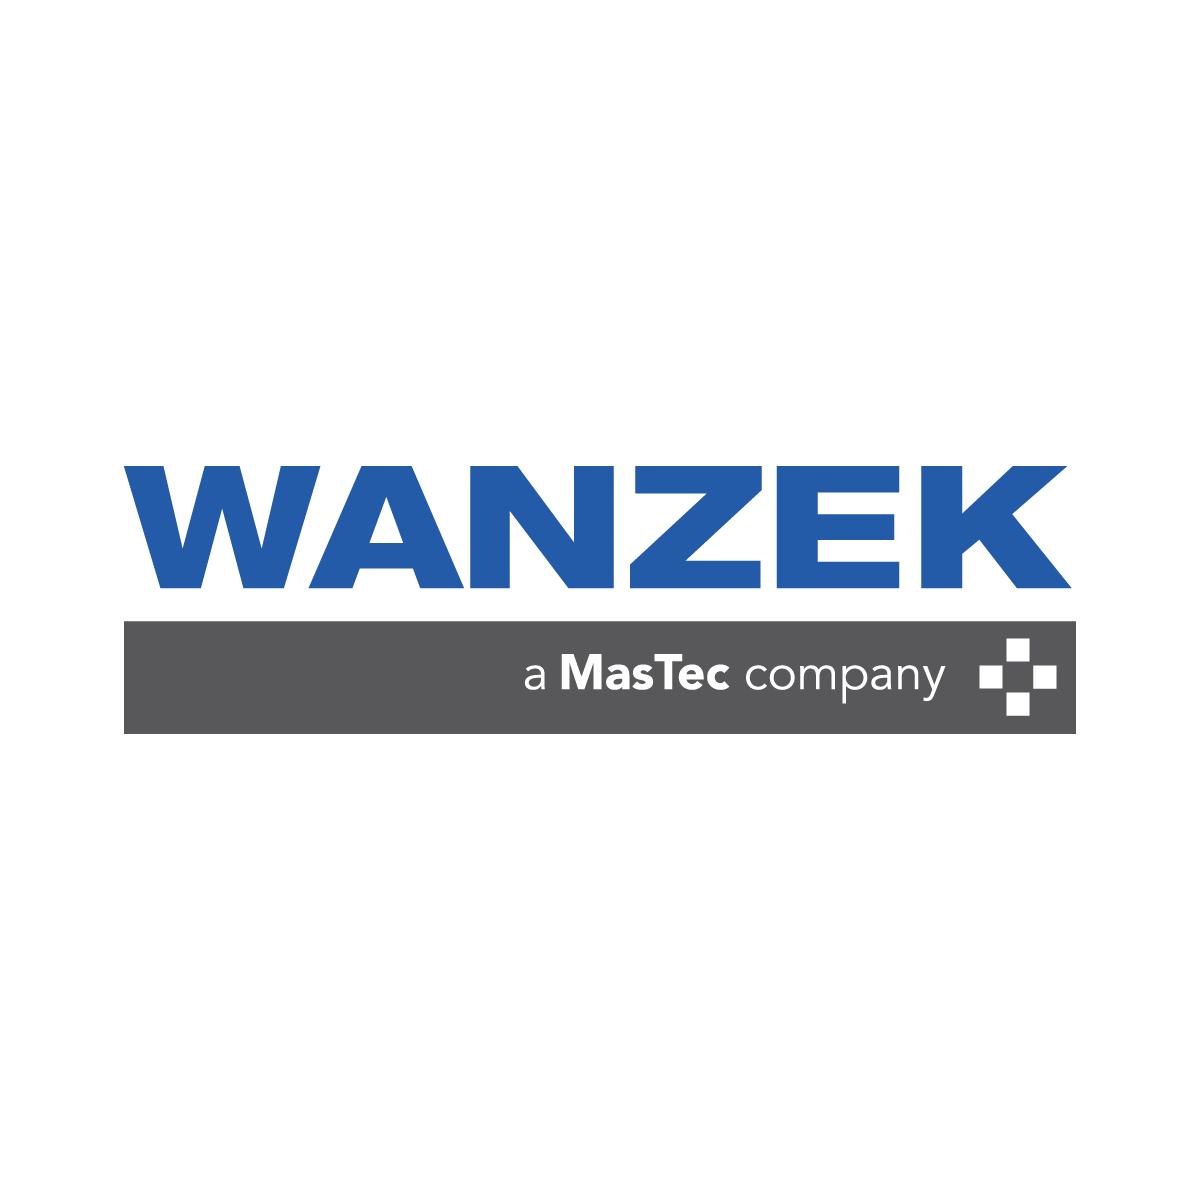 Wanzek